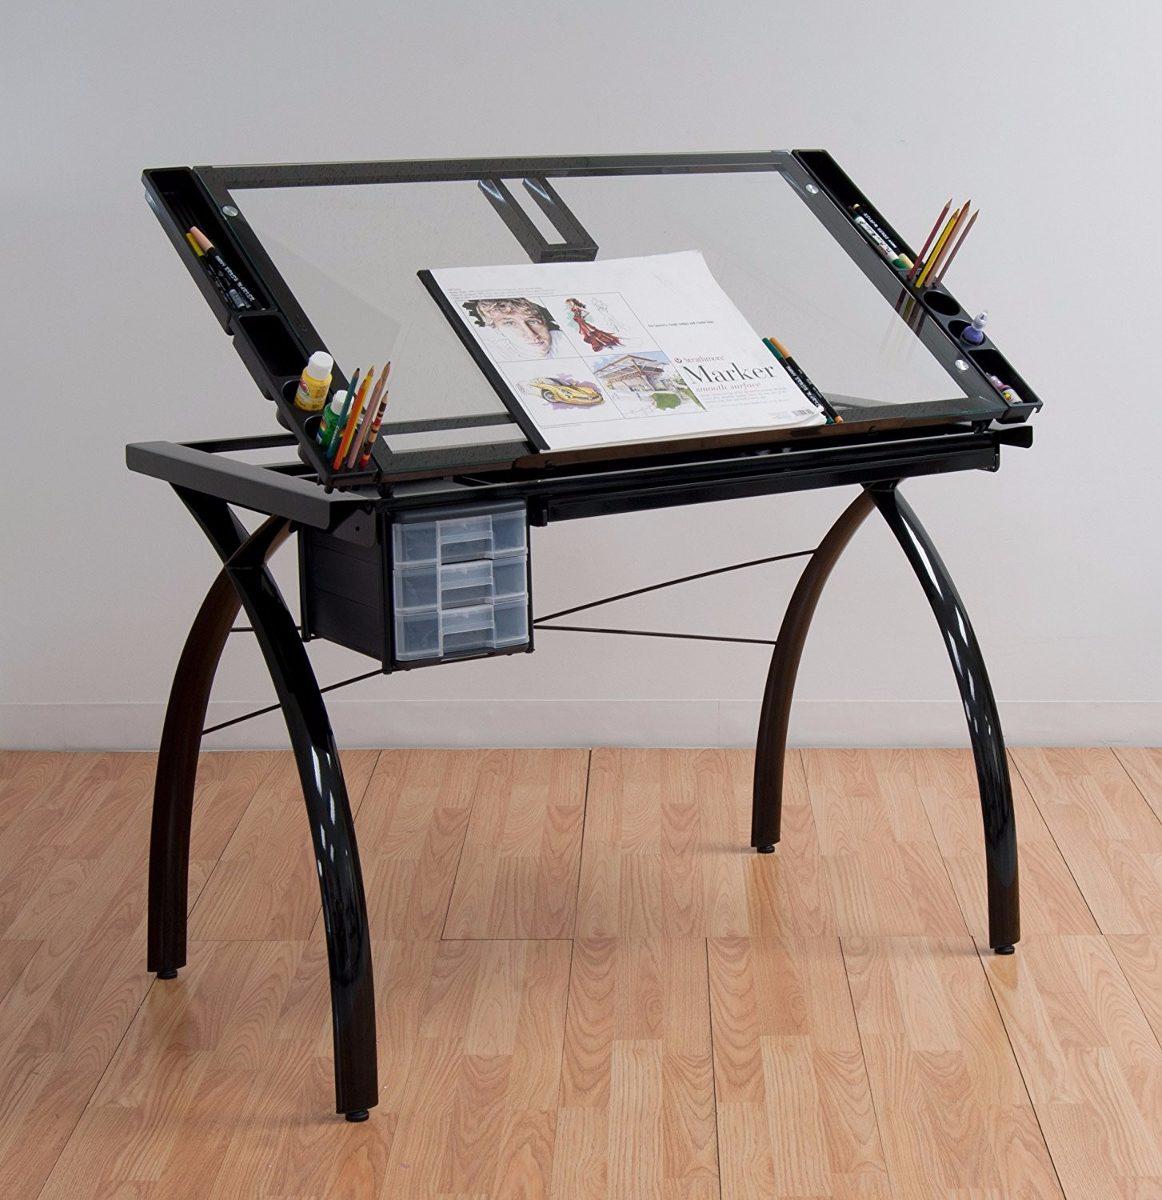 Restirador arquitecto tabla trabajo dibujo escritorio - Mesas de arquitectura ...